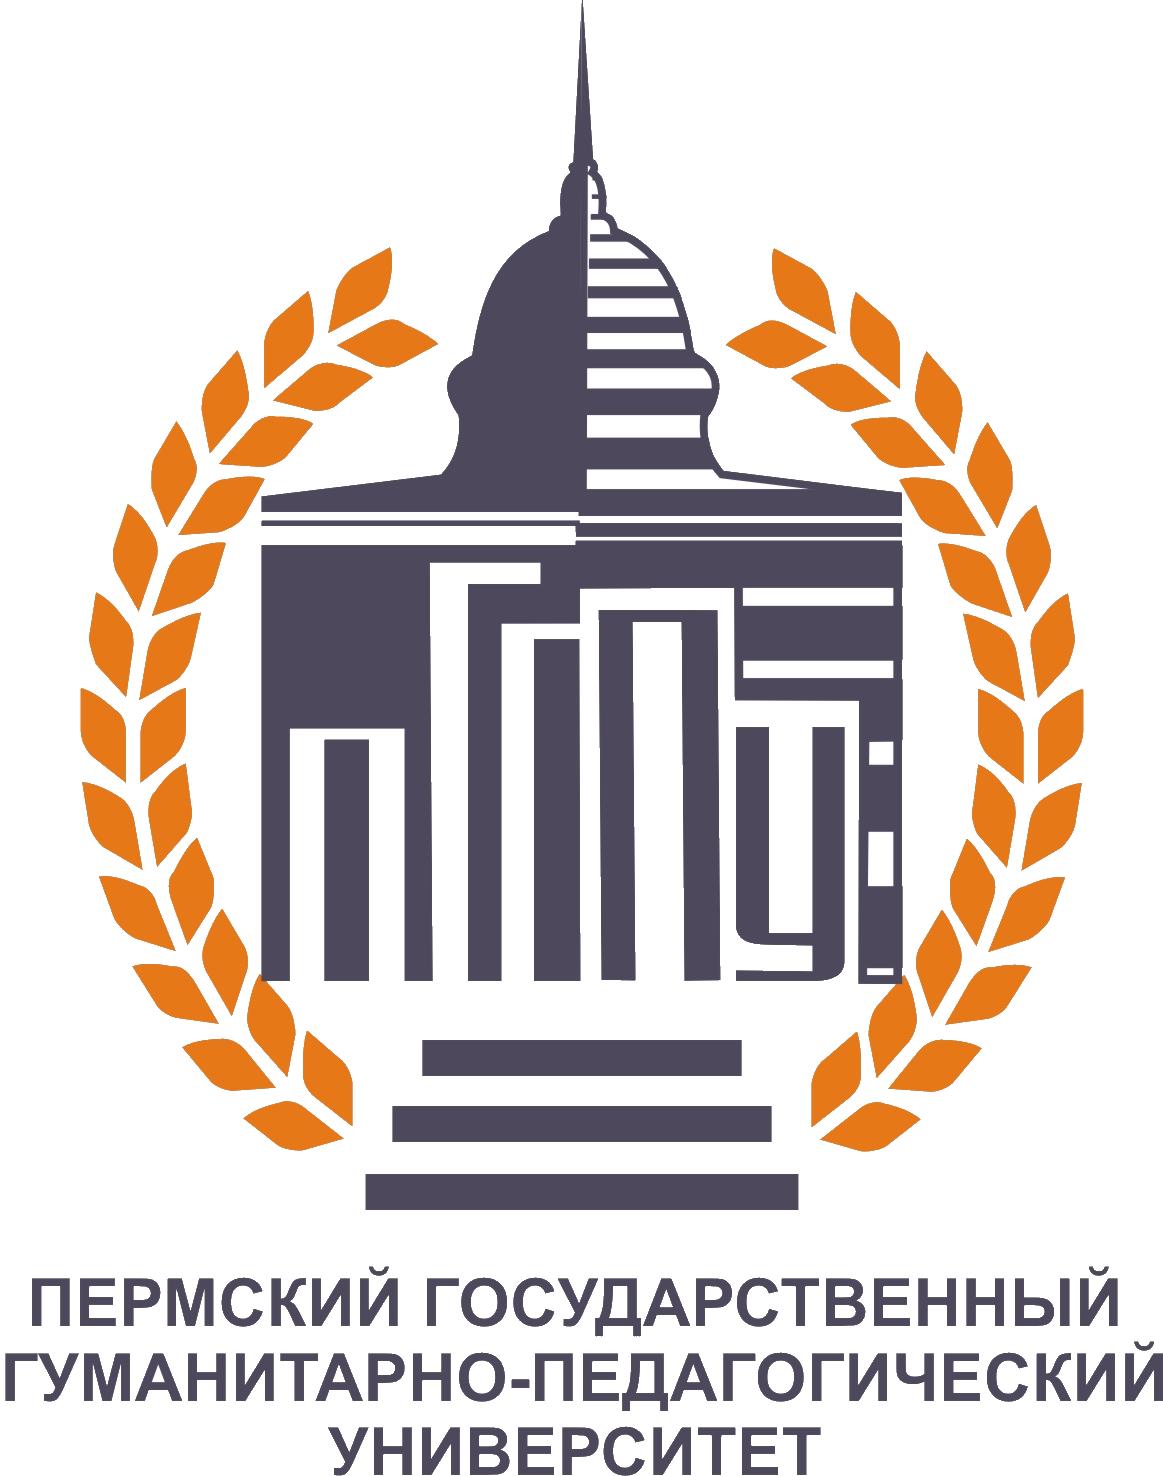 Пермский государственный гуманитарно-педагогический университет, ПГГПУ